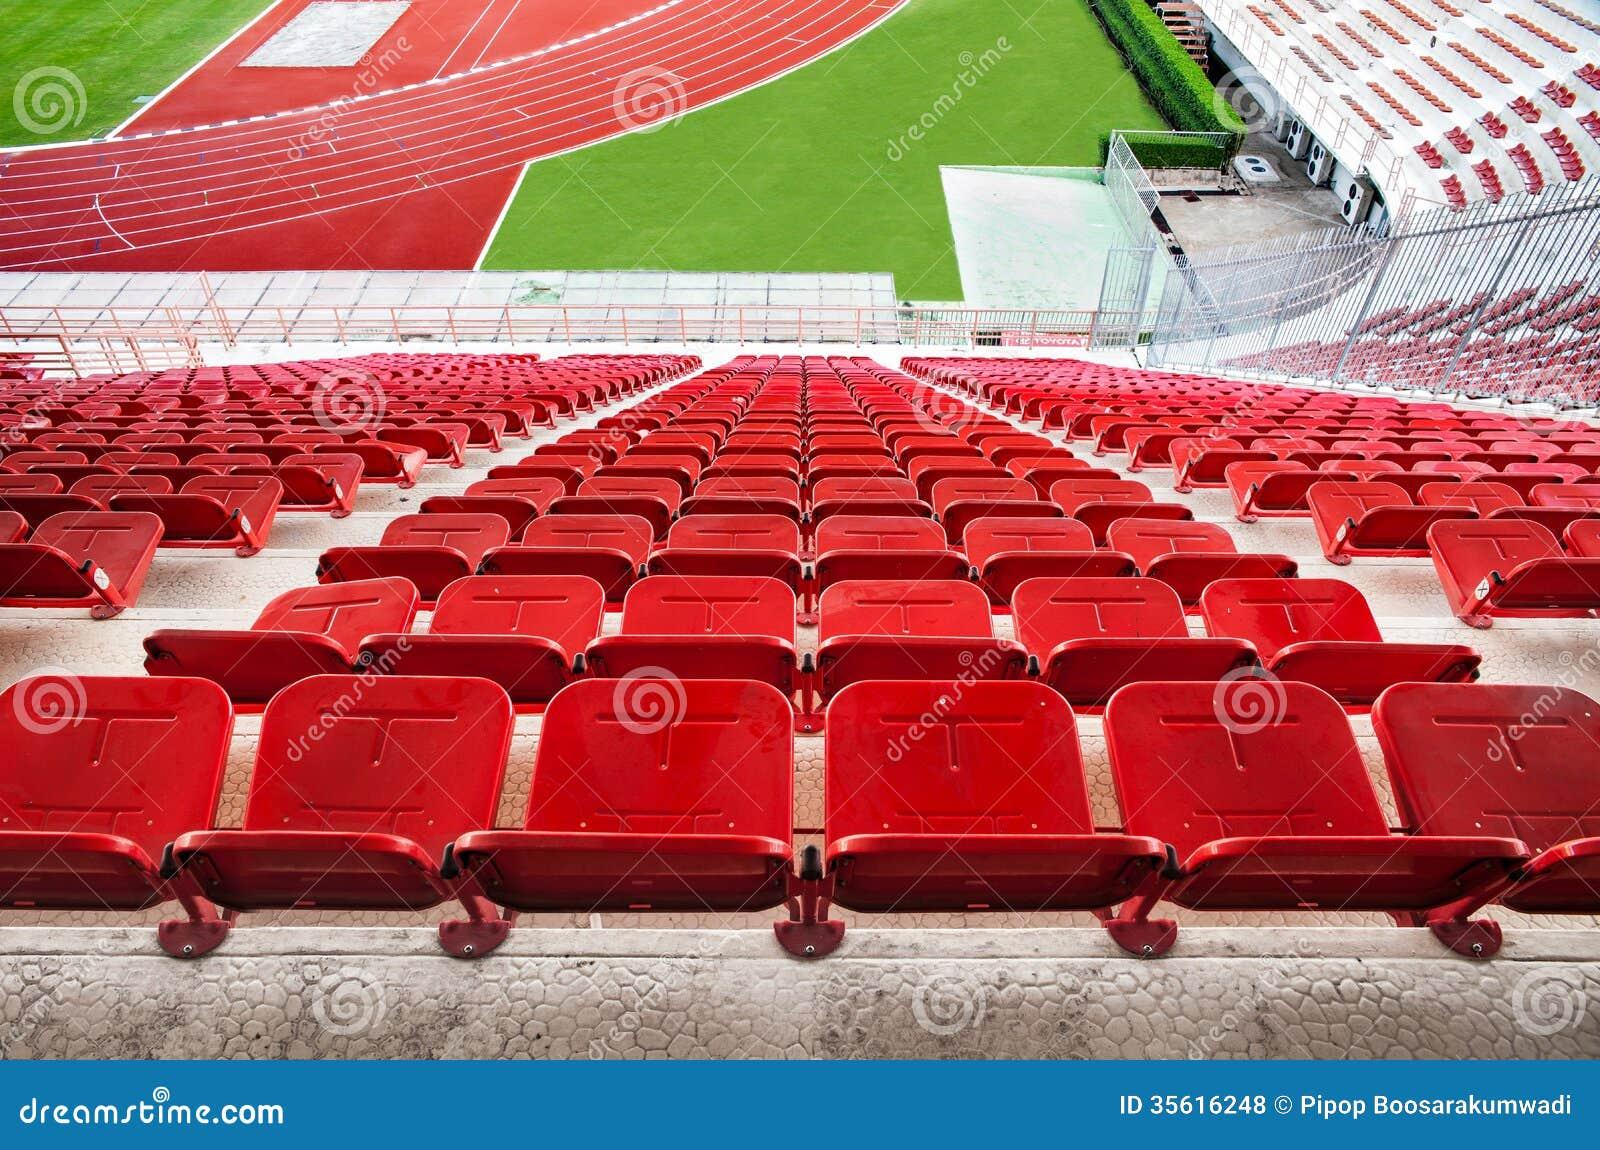 Assentos vermelhos do estádio com pista de atletismo vermelha e grama verde.